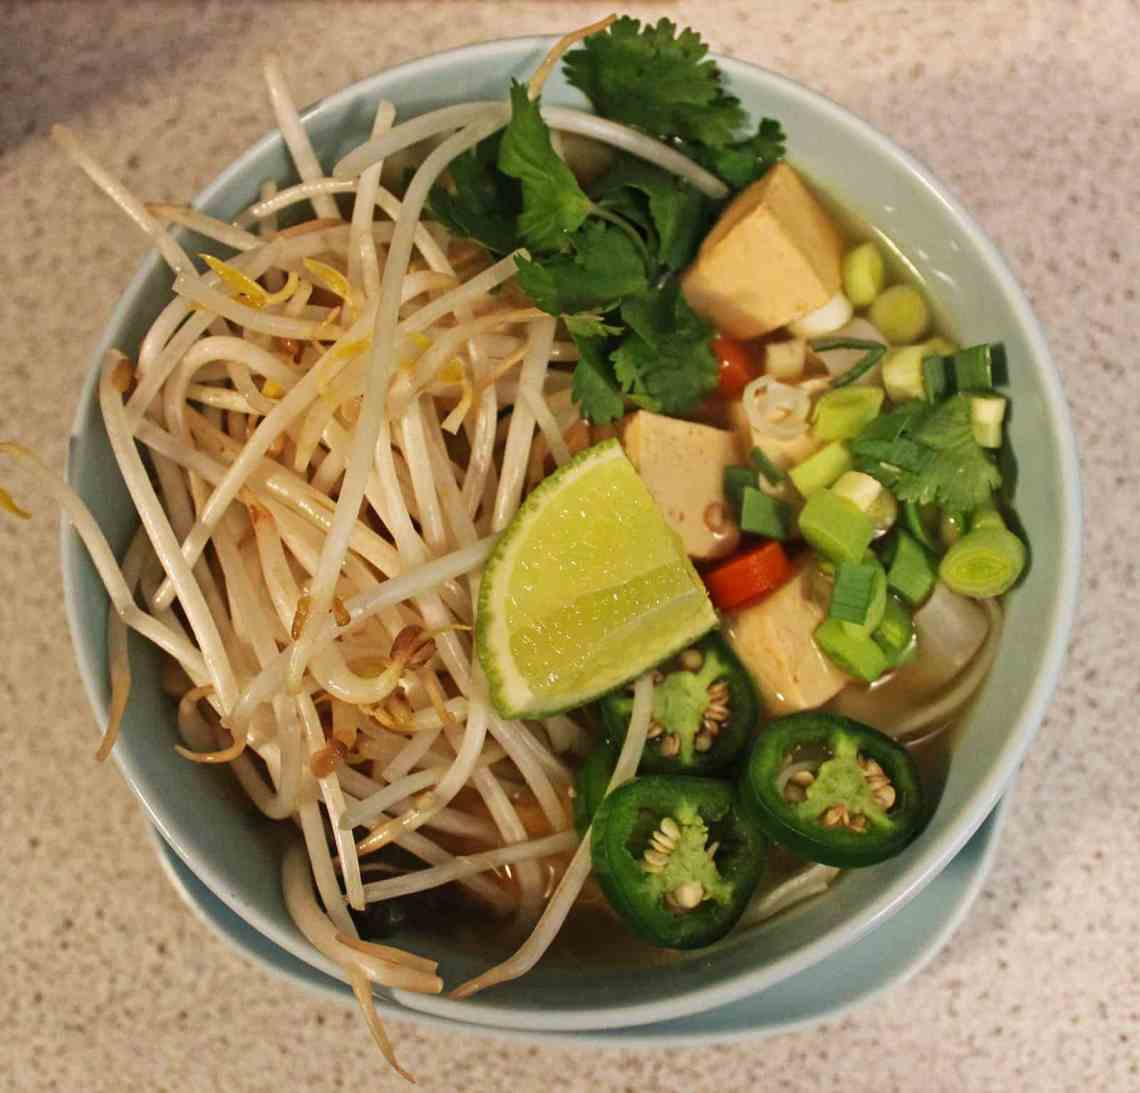 Vegan Pho - Vietnamese Noodle Soup